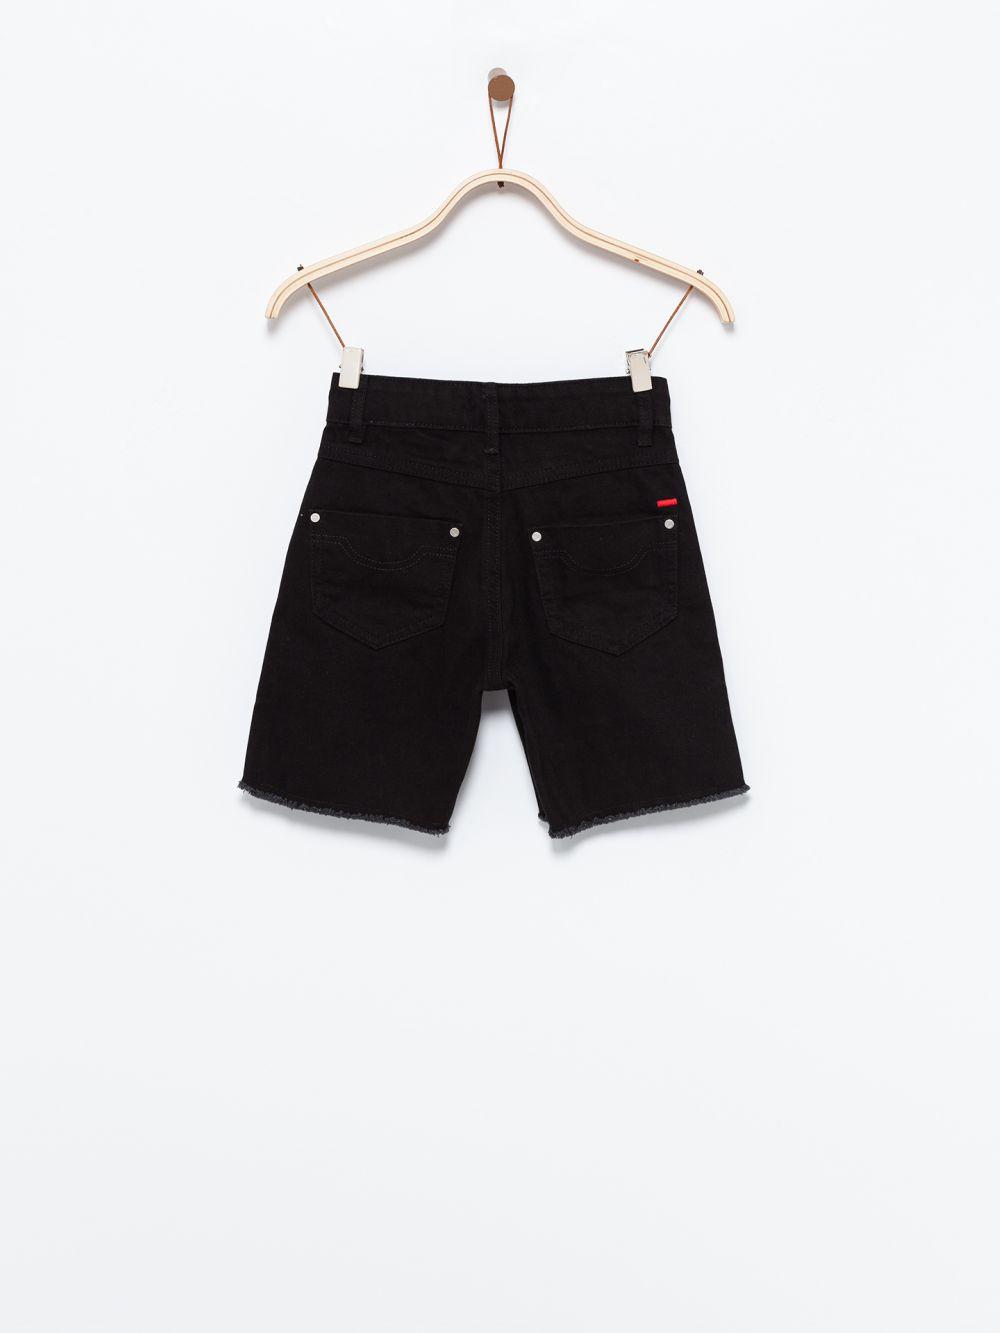 ג'ינס קצר בסיומת גזורה